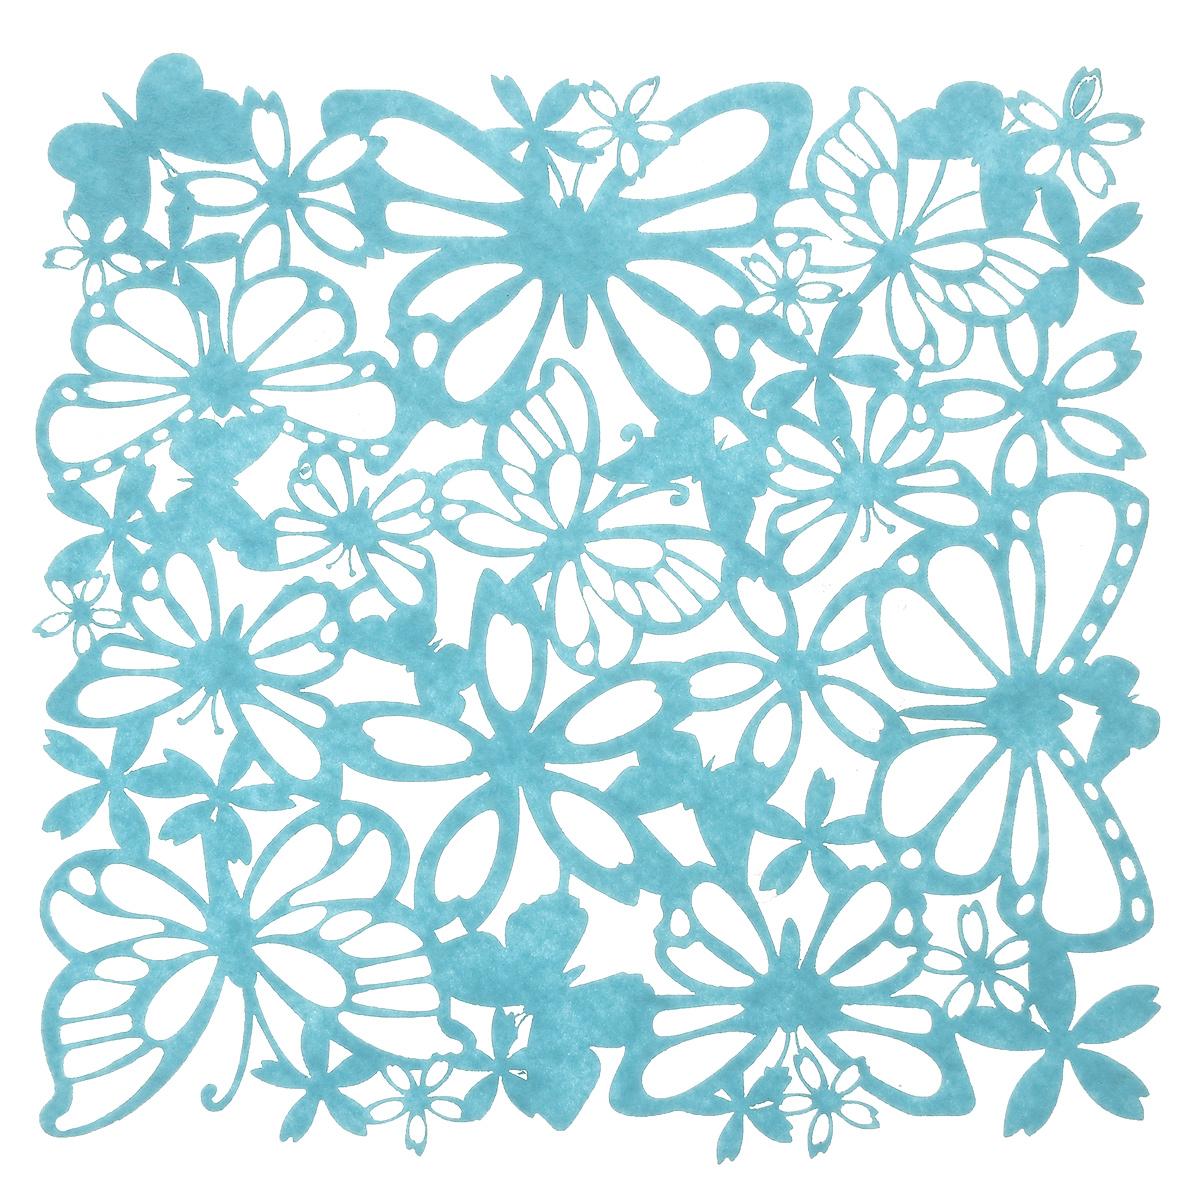 Салфетка Home Queen Взмах крыльев, цвет: голубой, 30 см х 30 см66841Квадратная салфетка Home Queen Взмах крыльев изготовлена из фетра и оформлена изысканной перфорацией в виде цветочных узоров и бабочек. Такая салфетка прекрасно подойдет для украшения интерьера кухни, она сбережет стол от высоких температур и грязи.